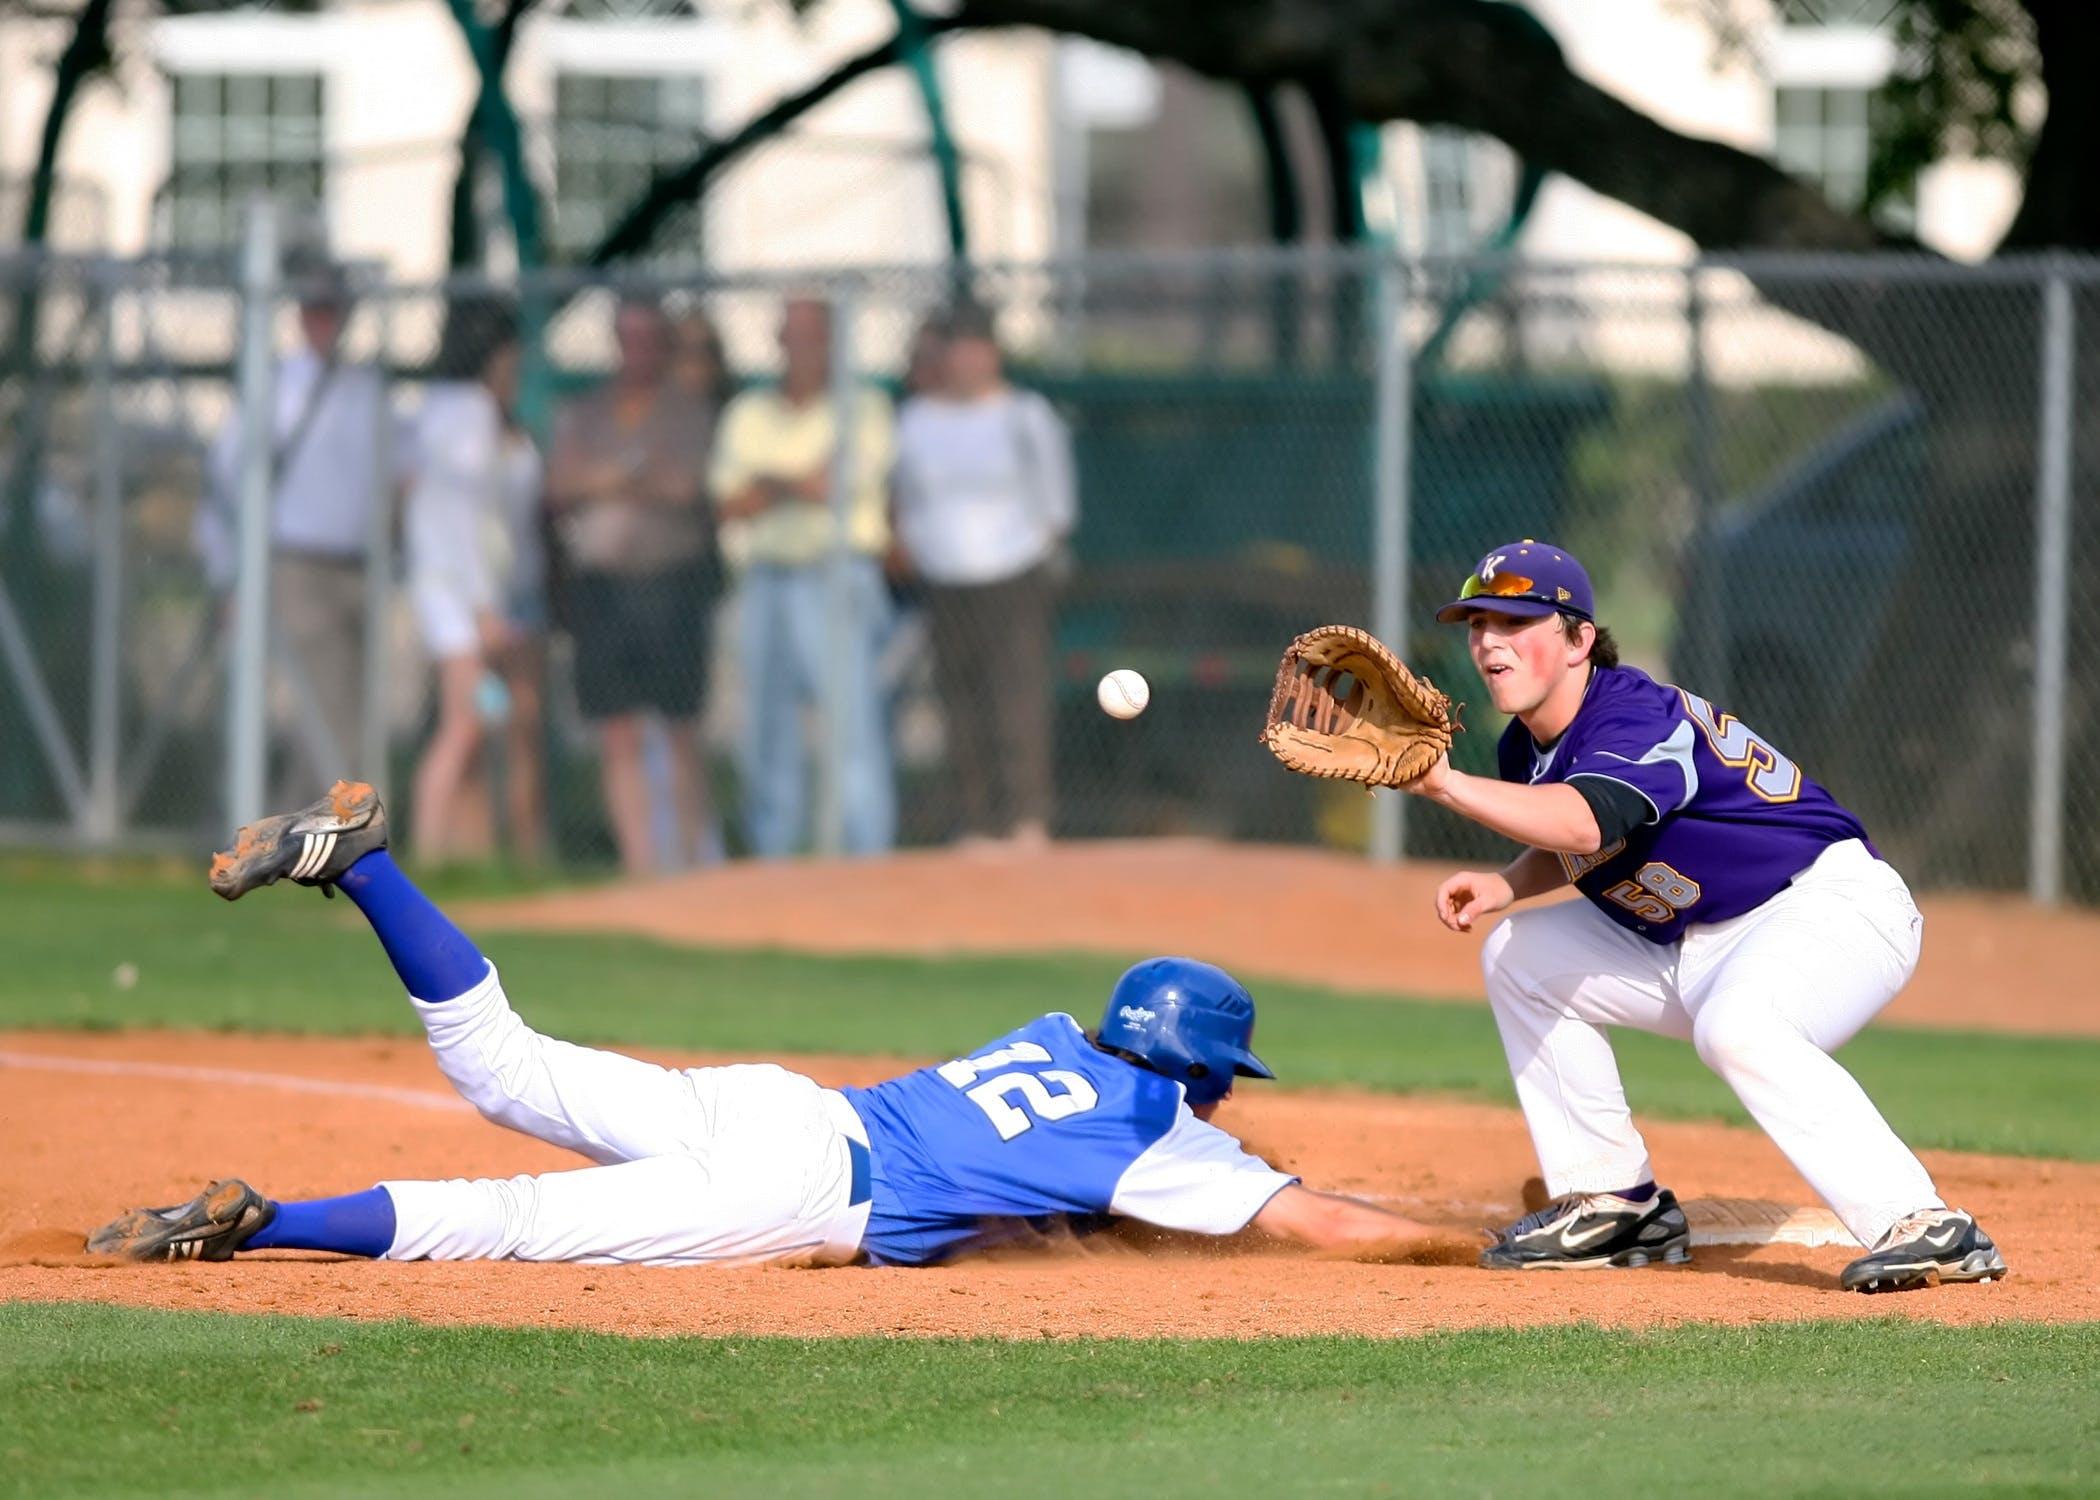 acció, atletes, beisbol